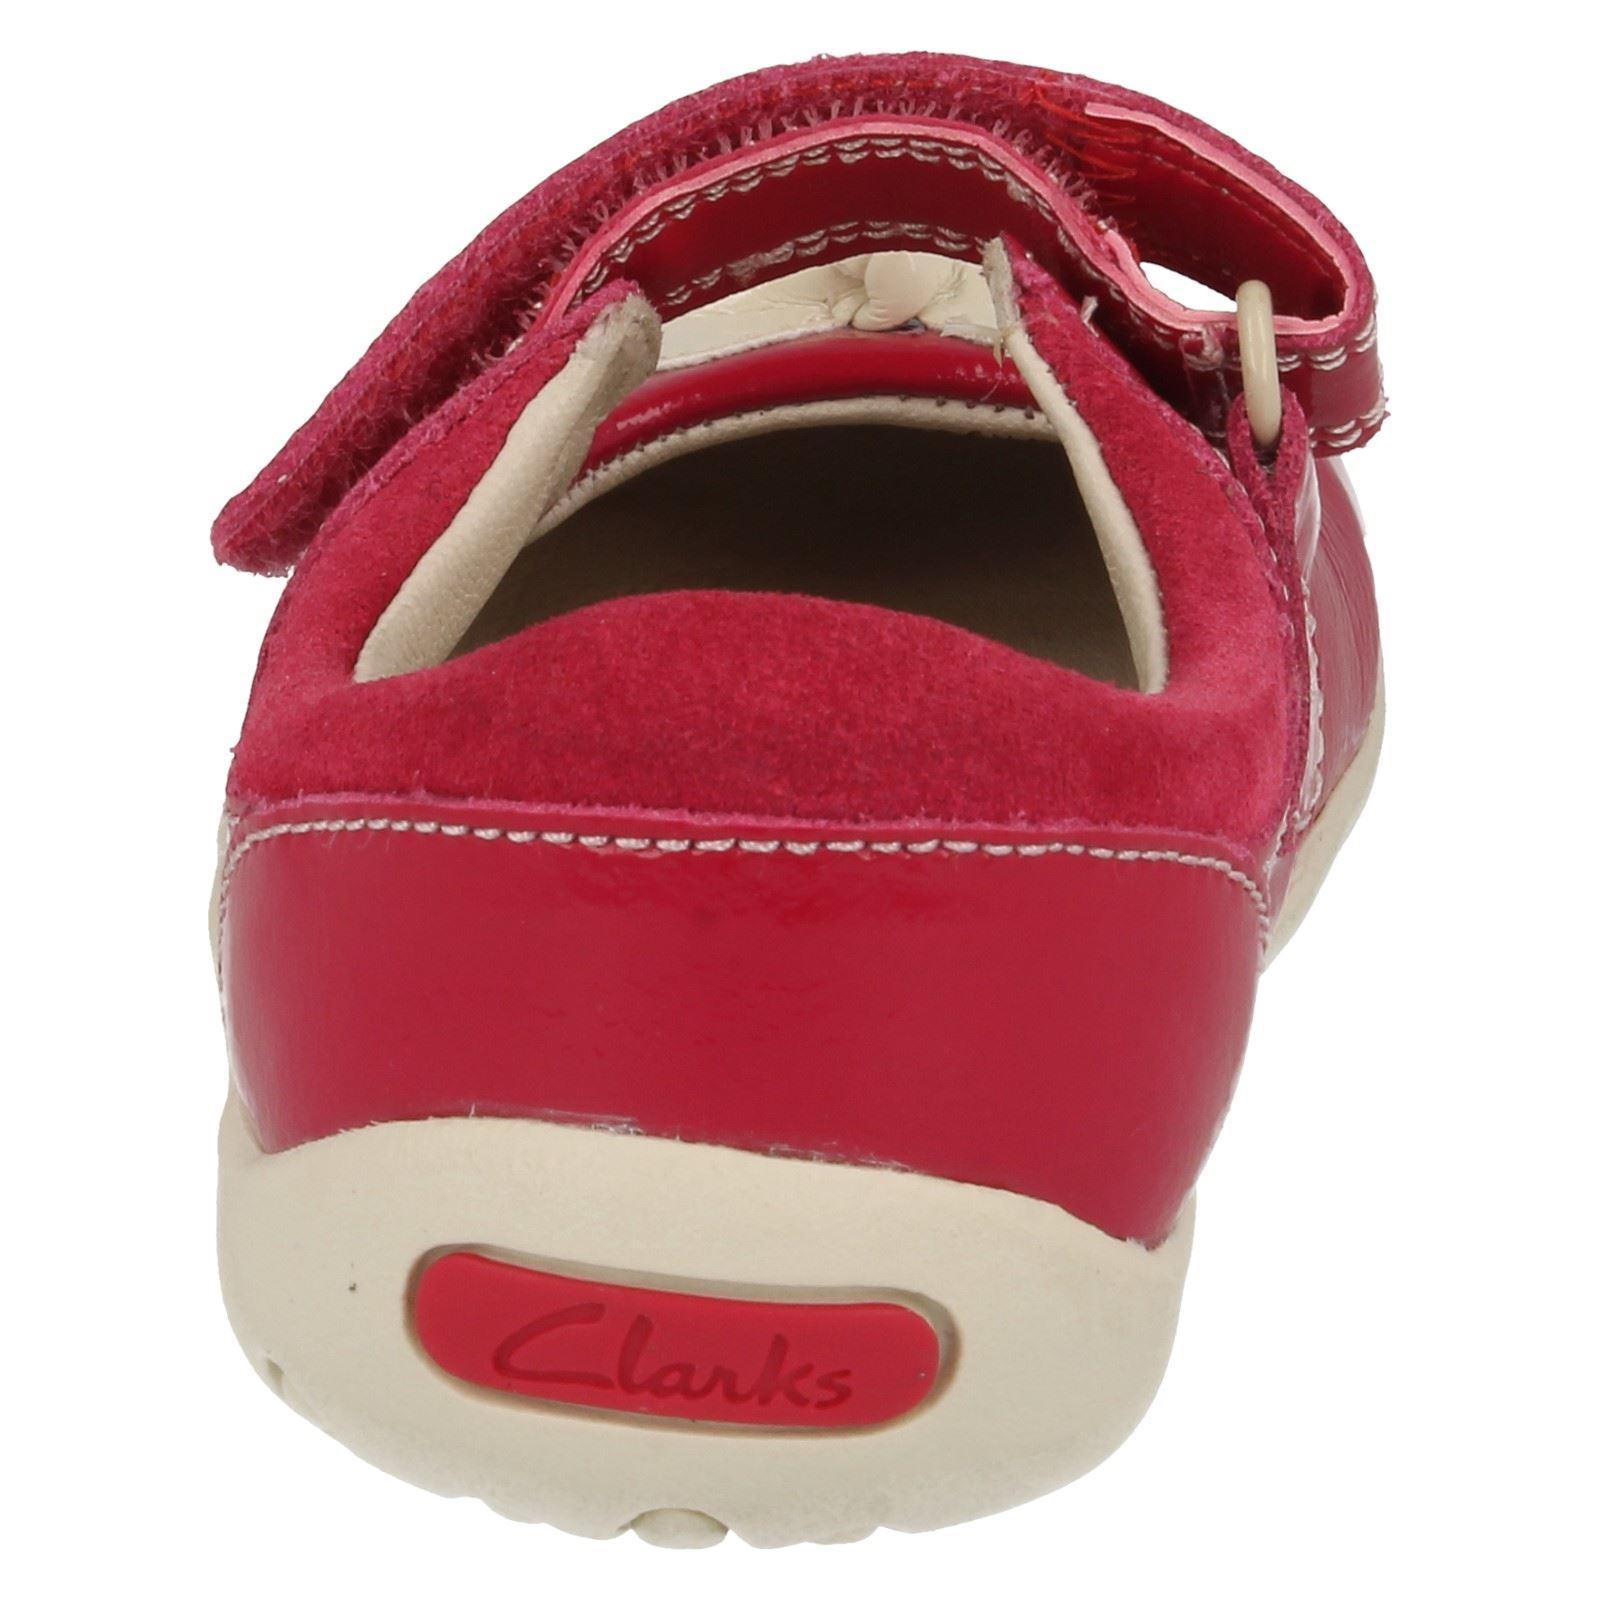 con Berry rosa Soft Clarks Clarks Zapatos diseño niñas para qwanRZS